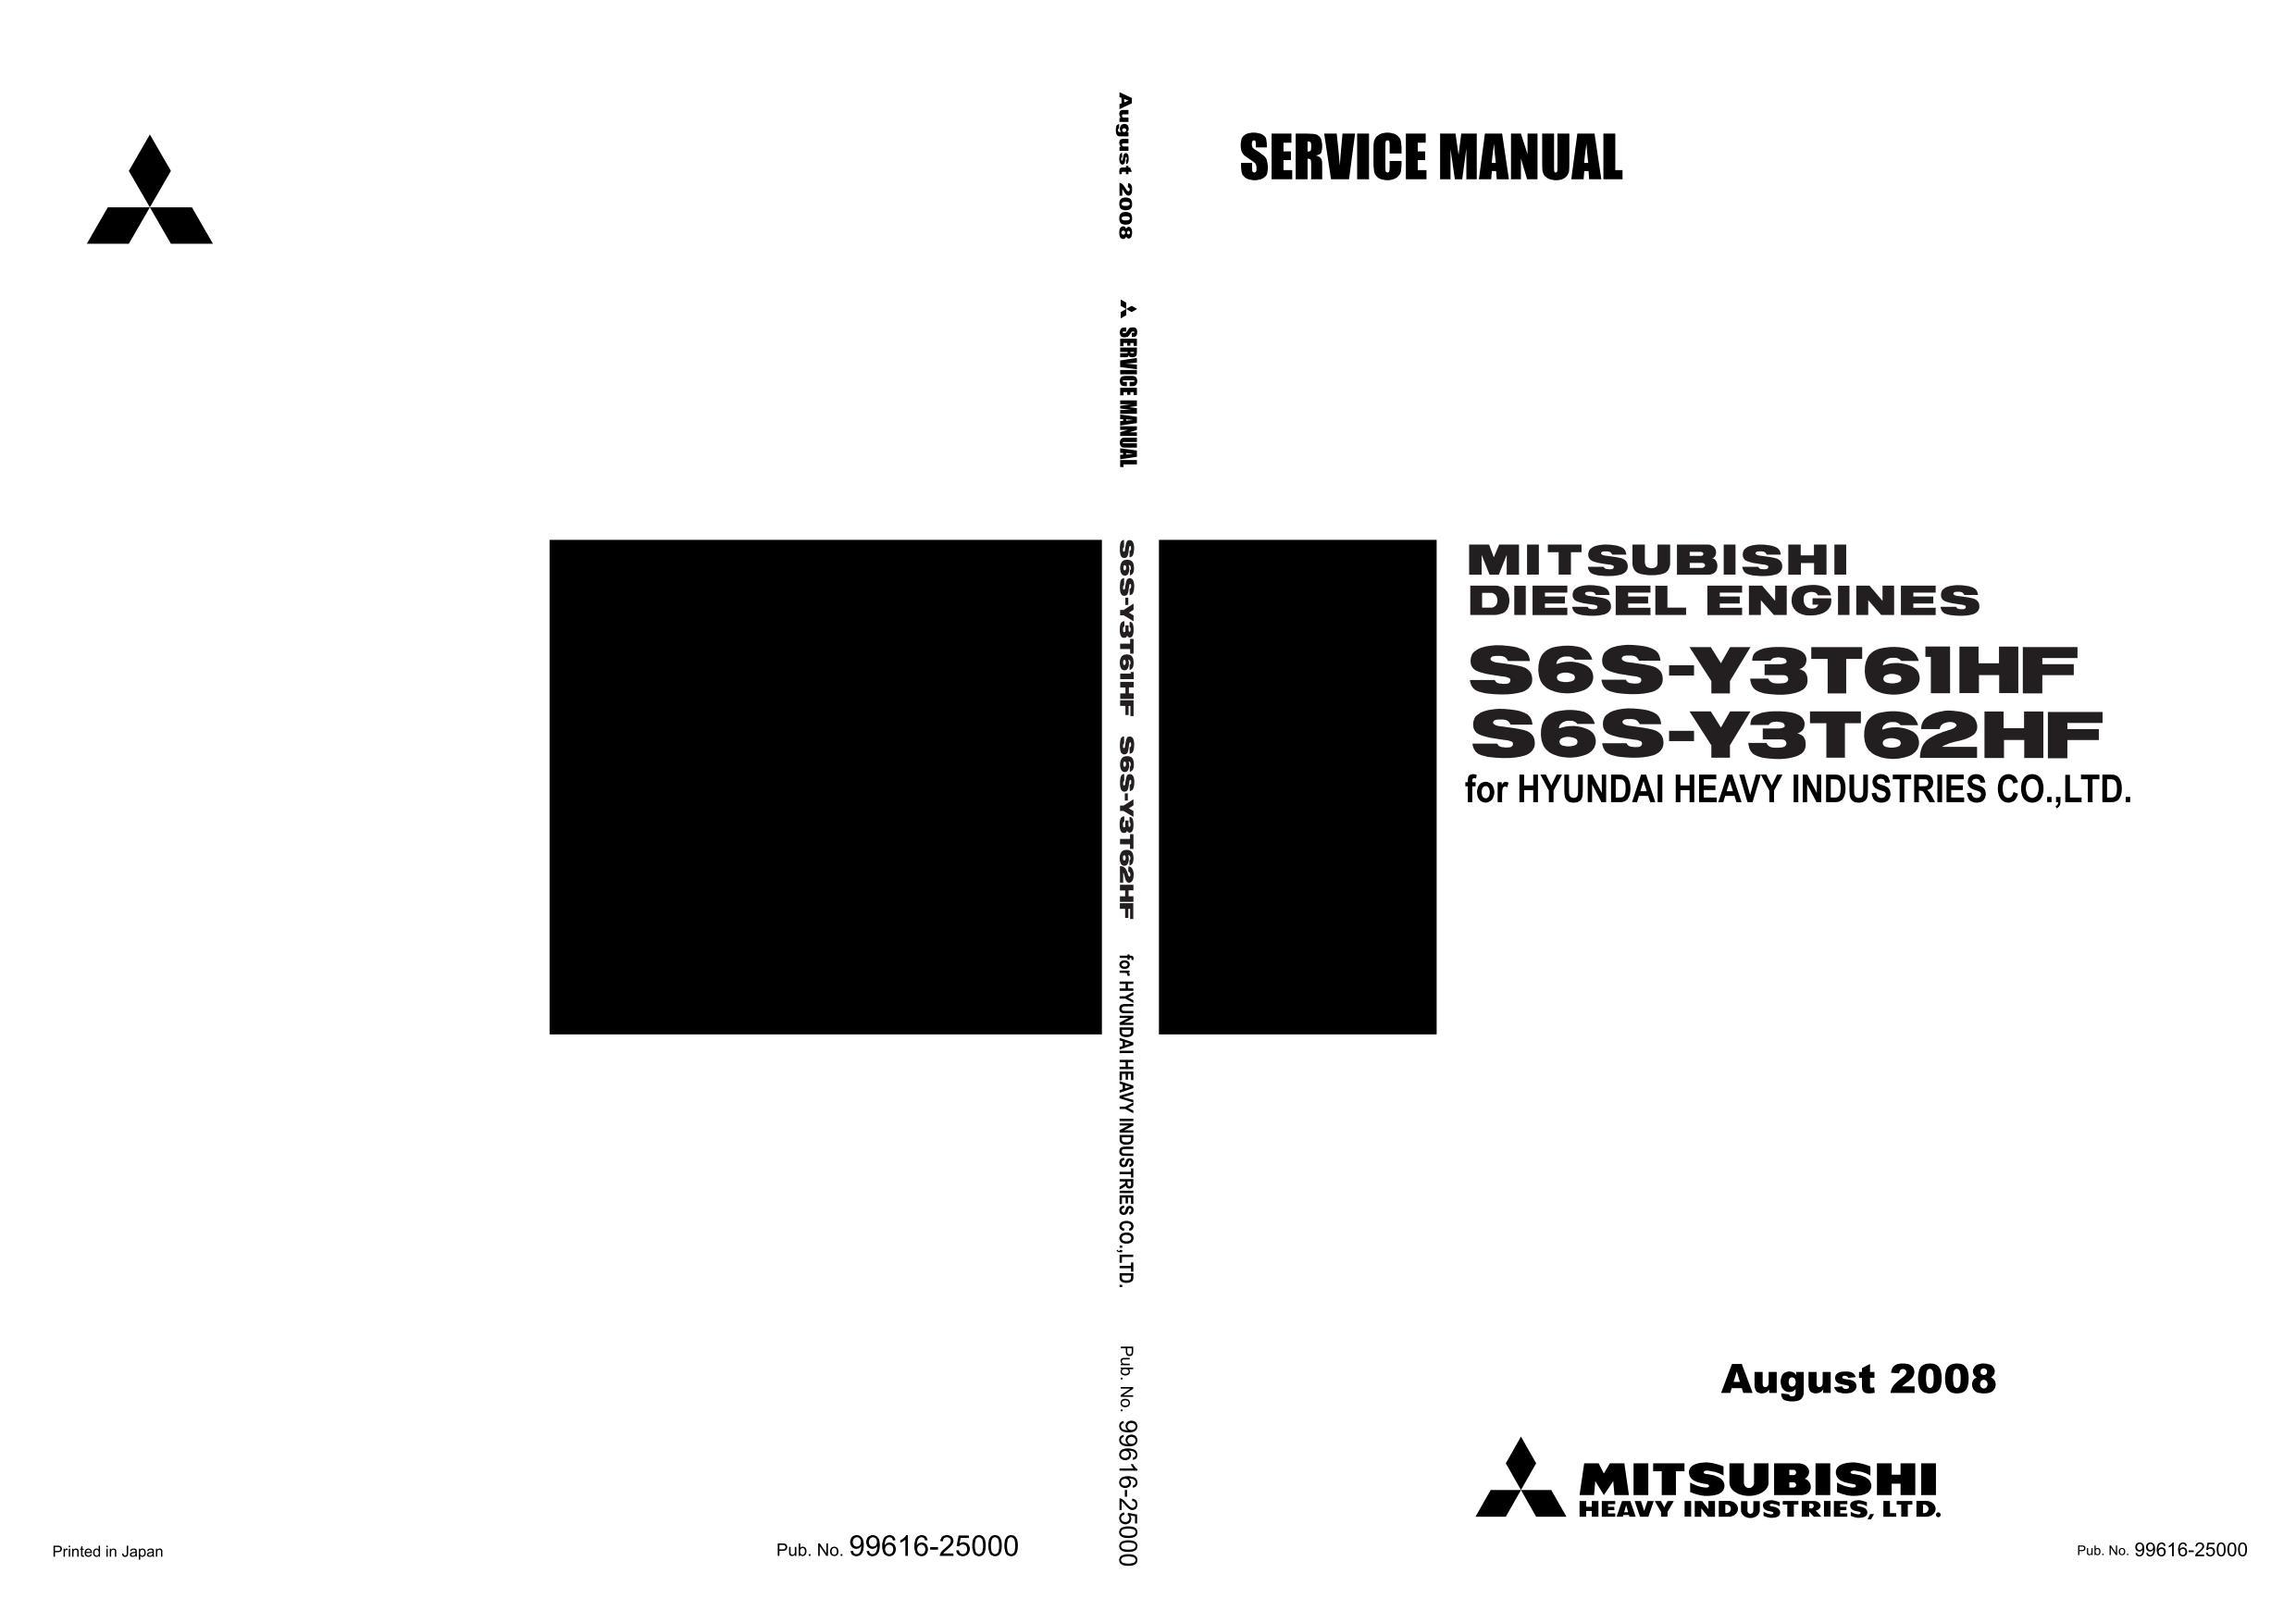 Ремонт и эксплуатация MITSUBISHI S6S-T